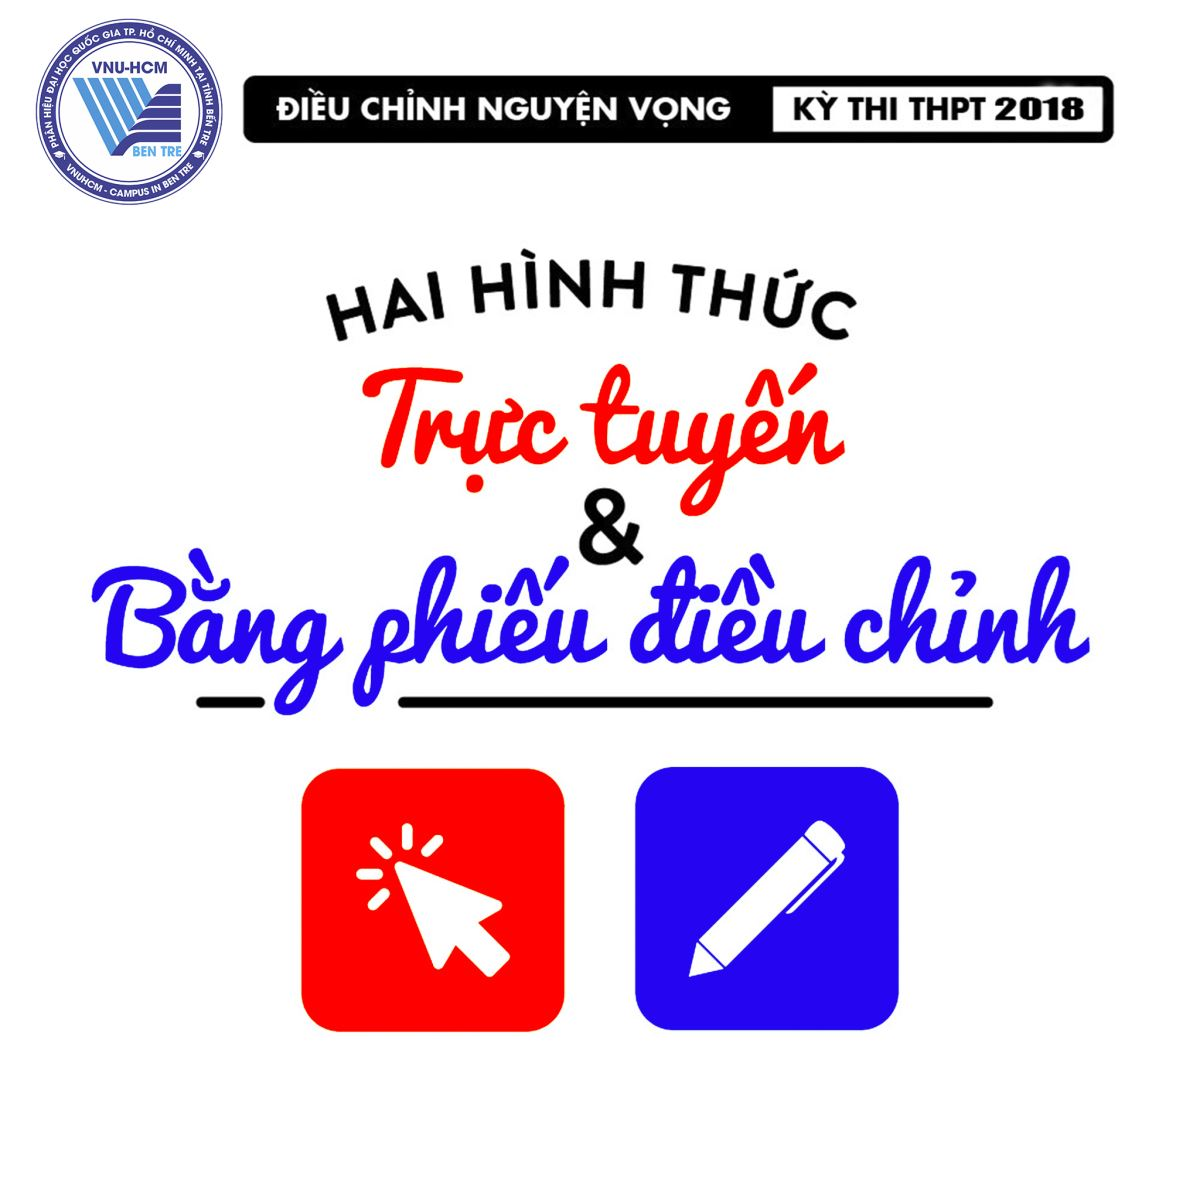 [Hướng dẫn] Điều chỉnh nguyện vọng bổ sung đại học 2018 tại Phân hiệu ĐHQG-HCM tại tỉnh Bến Tre